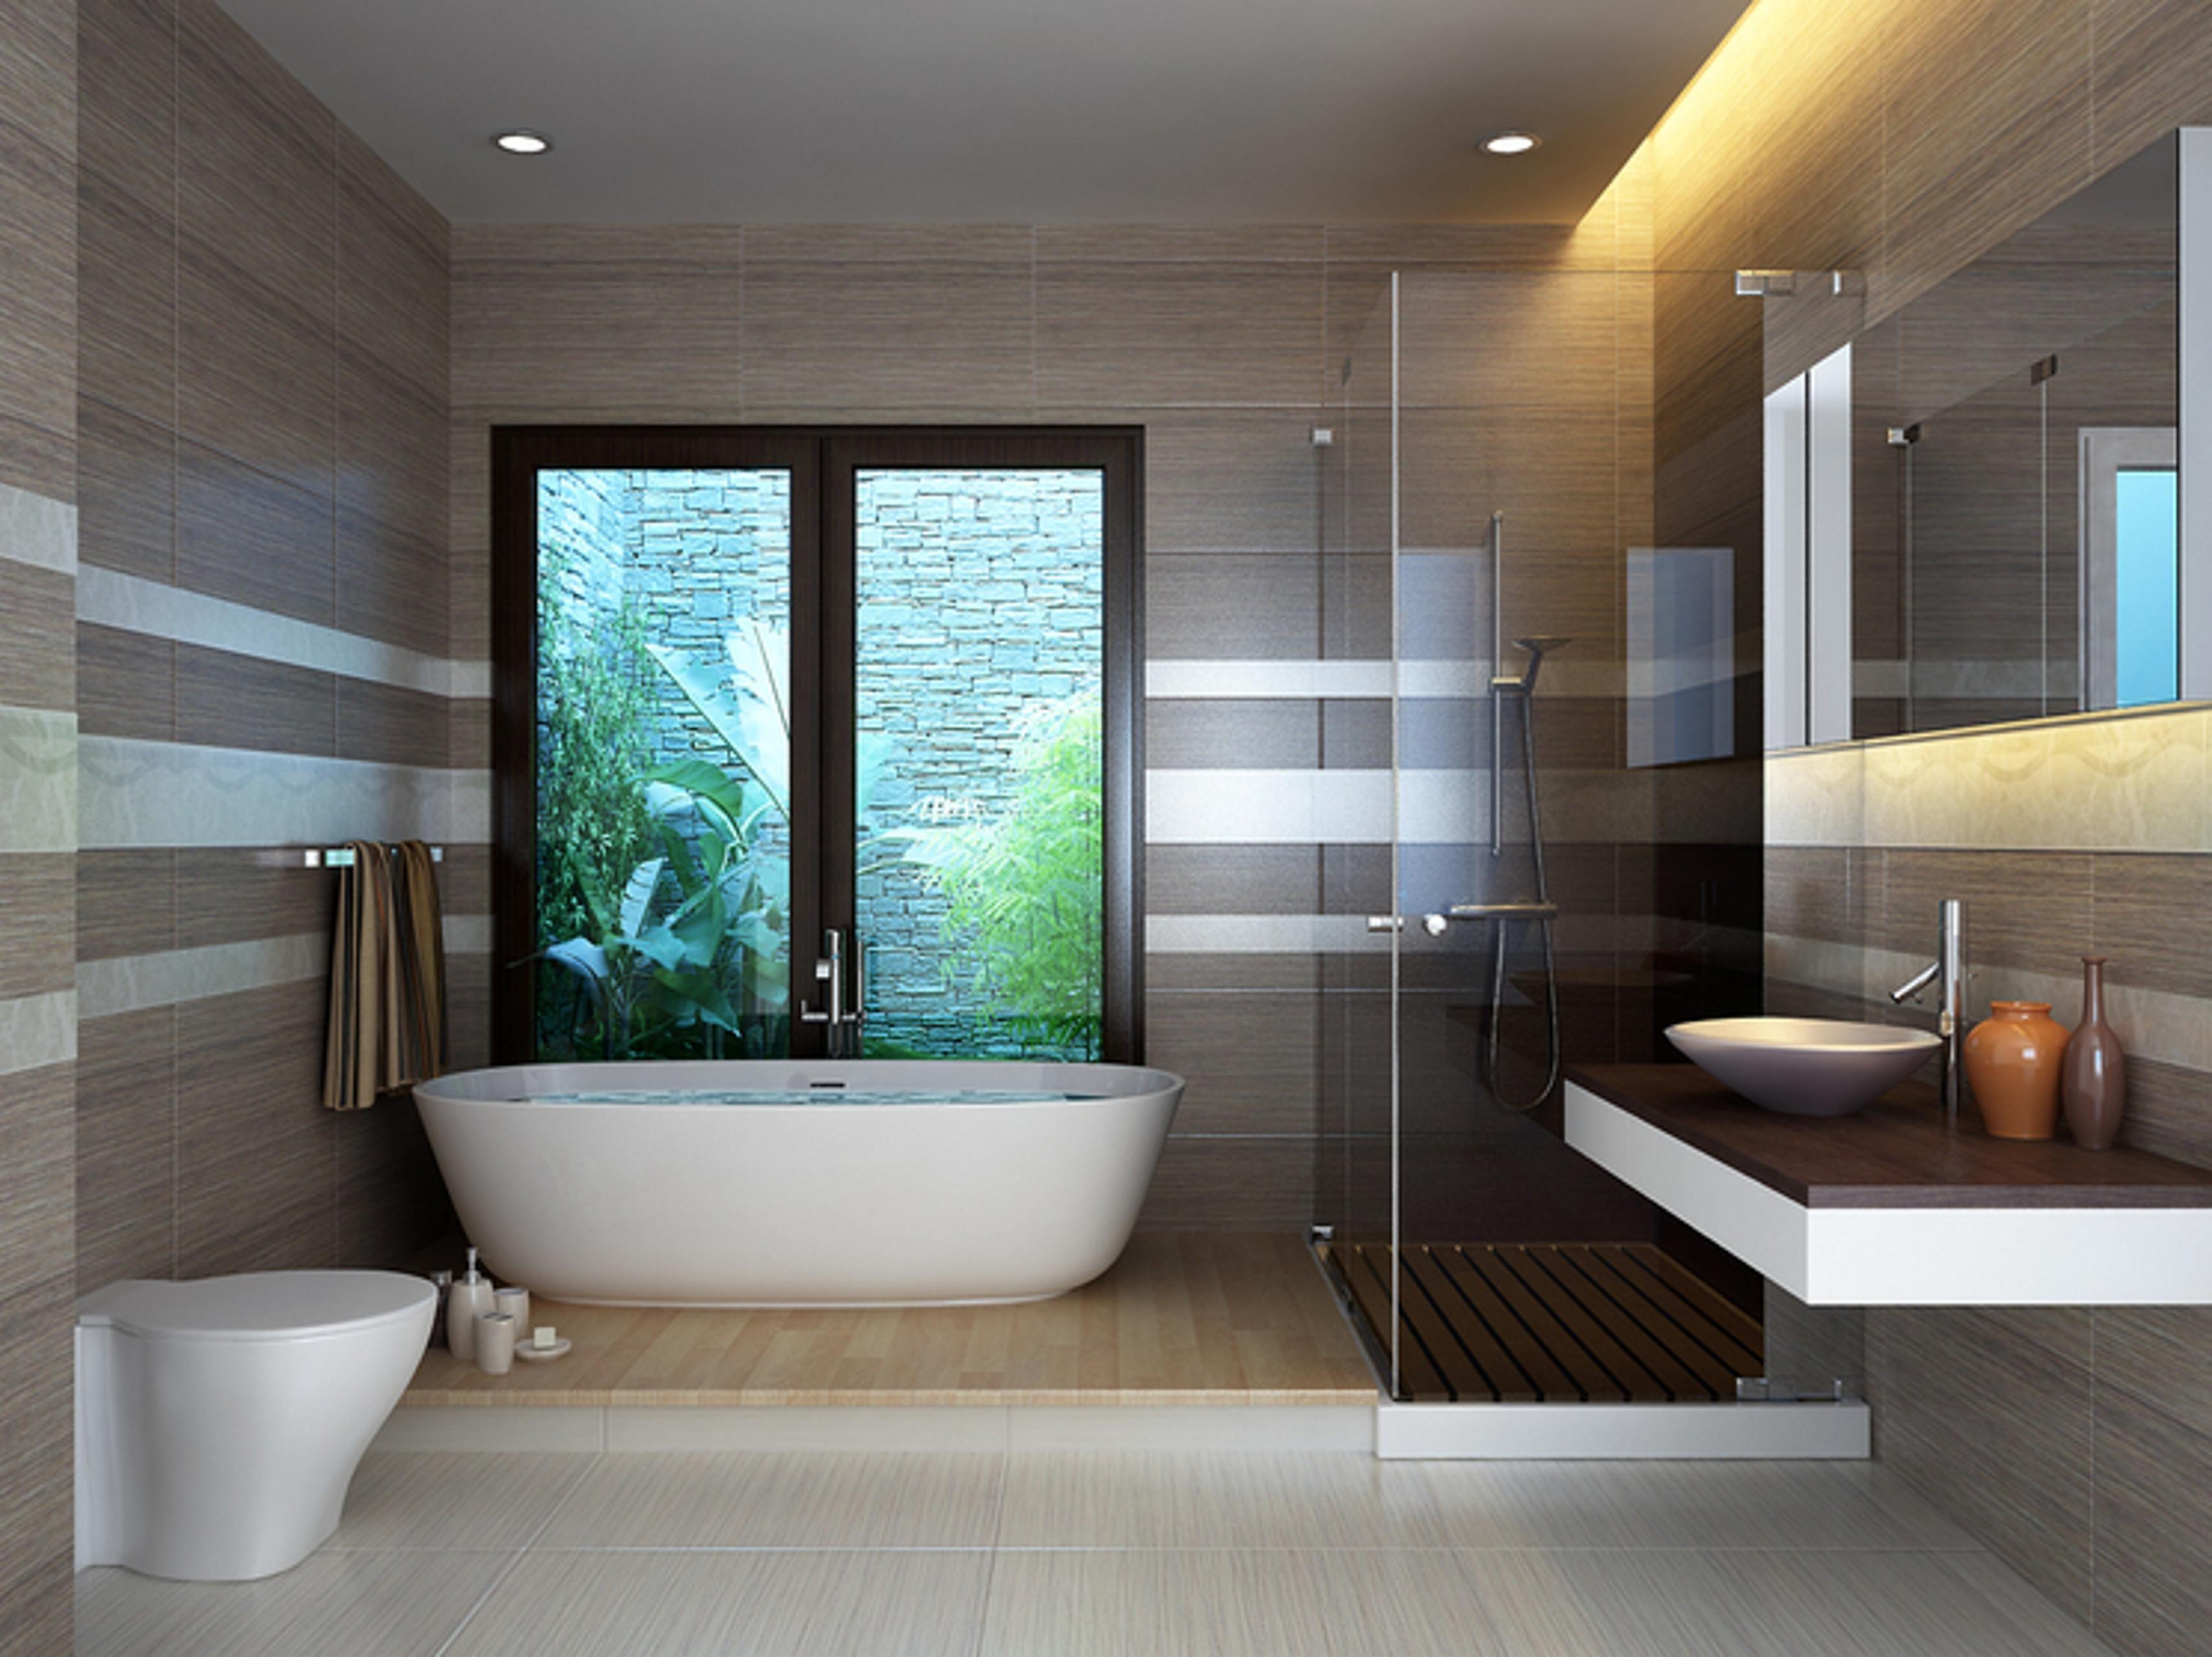 mẫu nhà vệ sinh đẹp, hiện đại